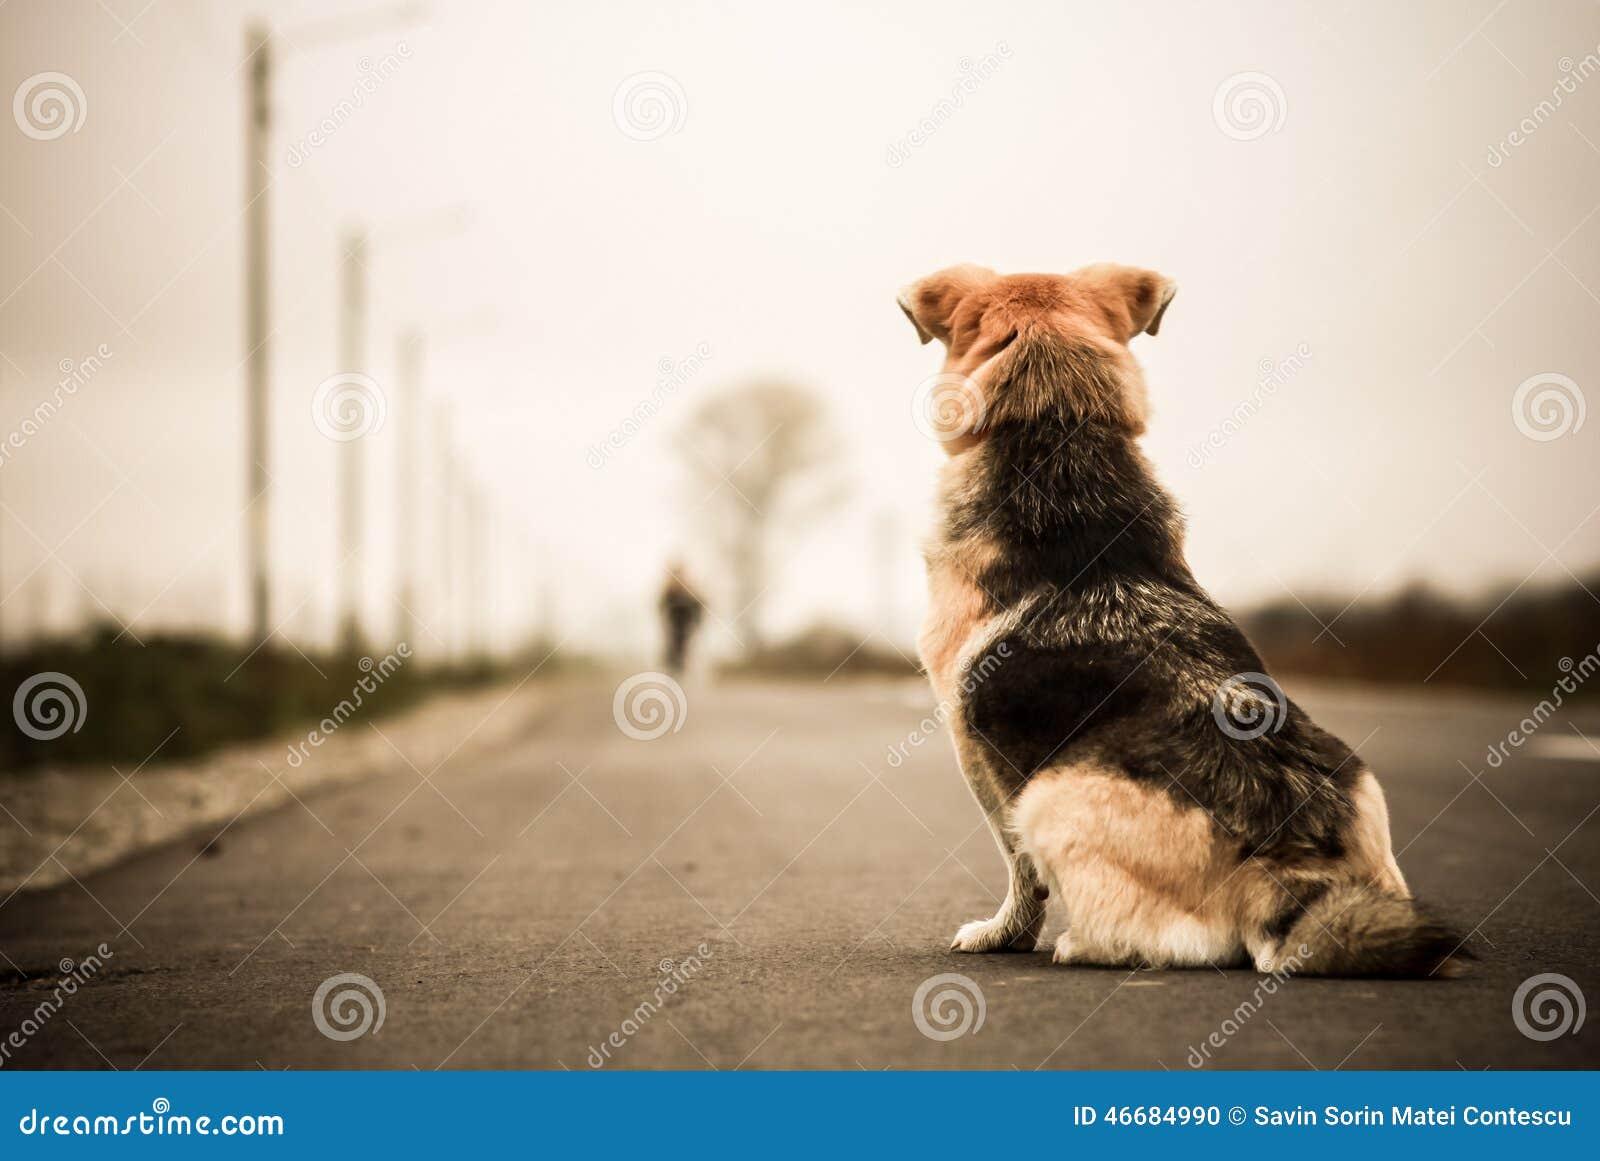 Hond die in de straat wachten